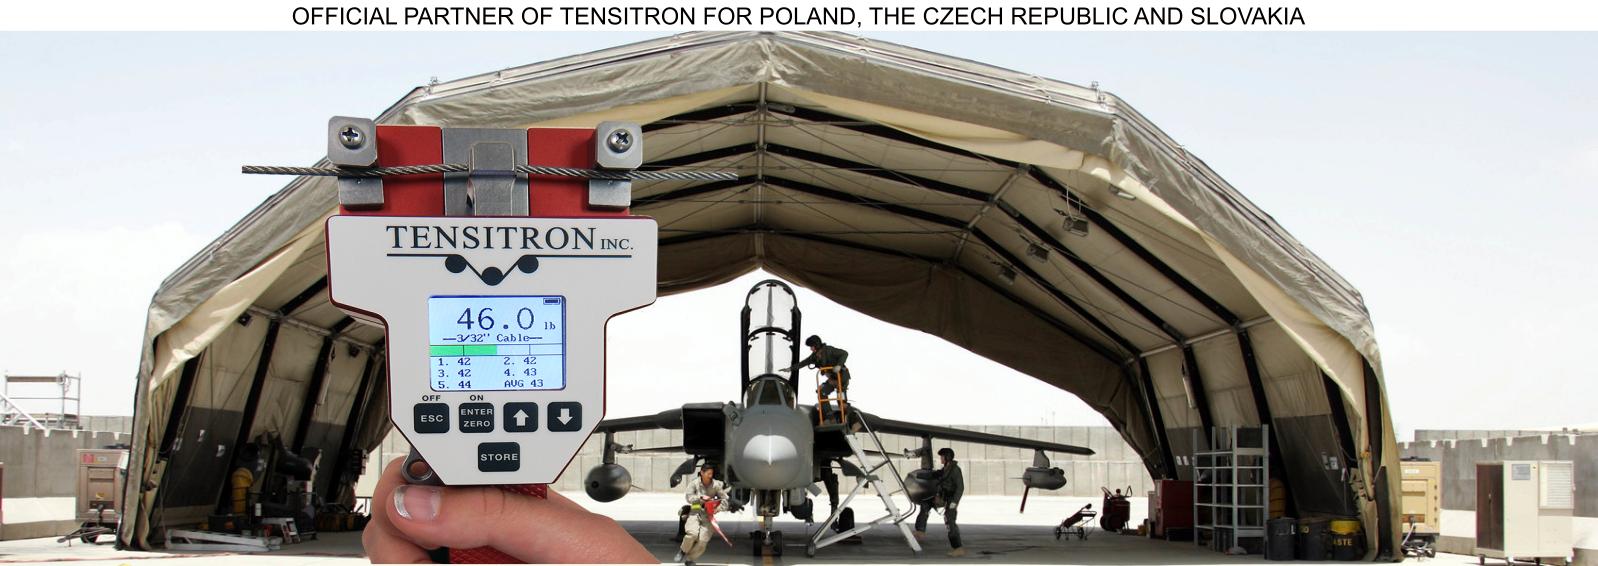 Zdjęcie przedstawia zastosowanie mierników firmy TENSITRON w lotnictwie